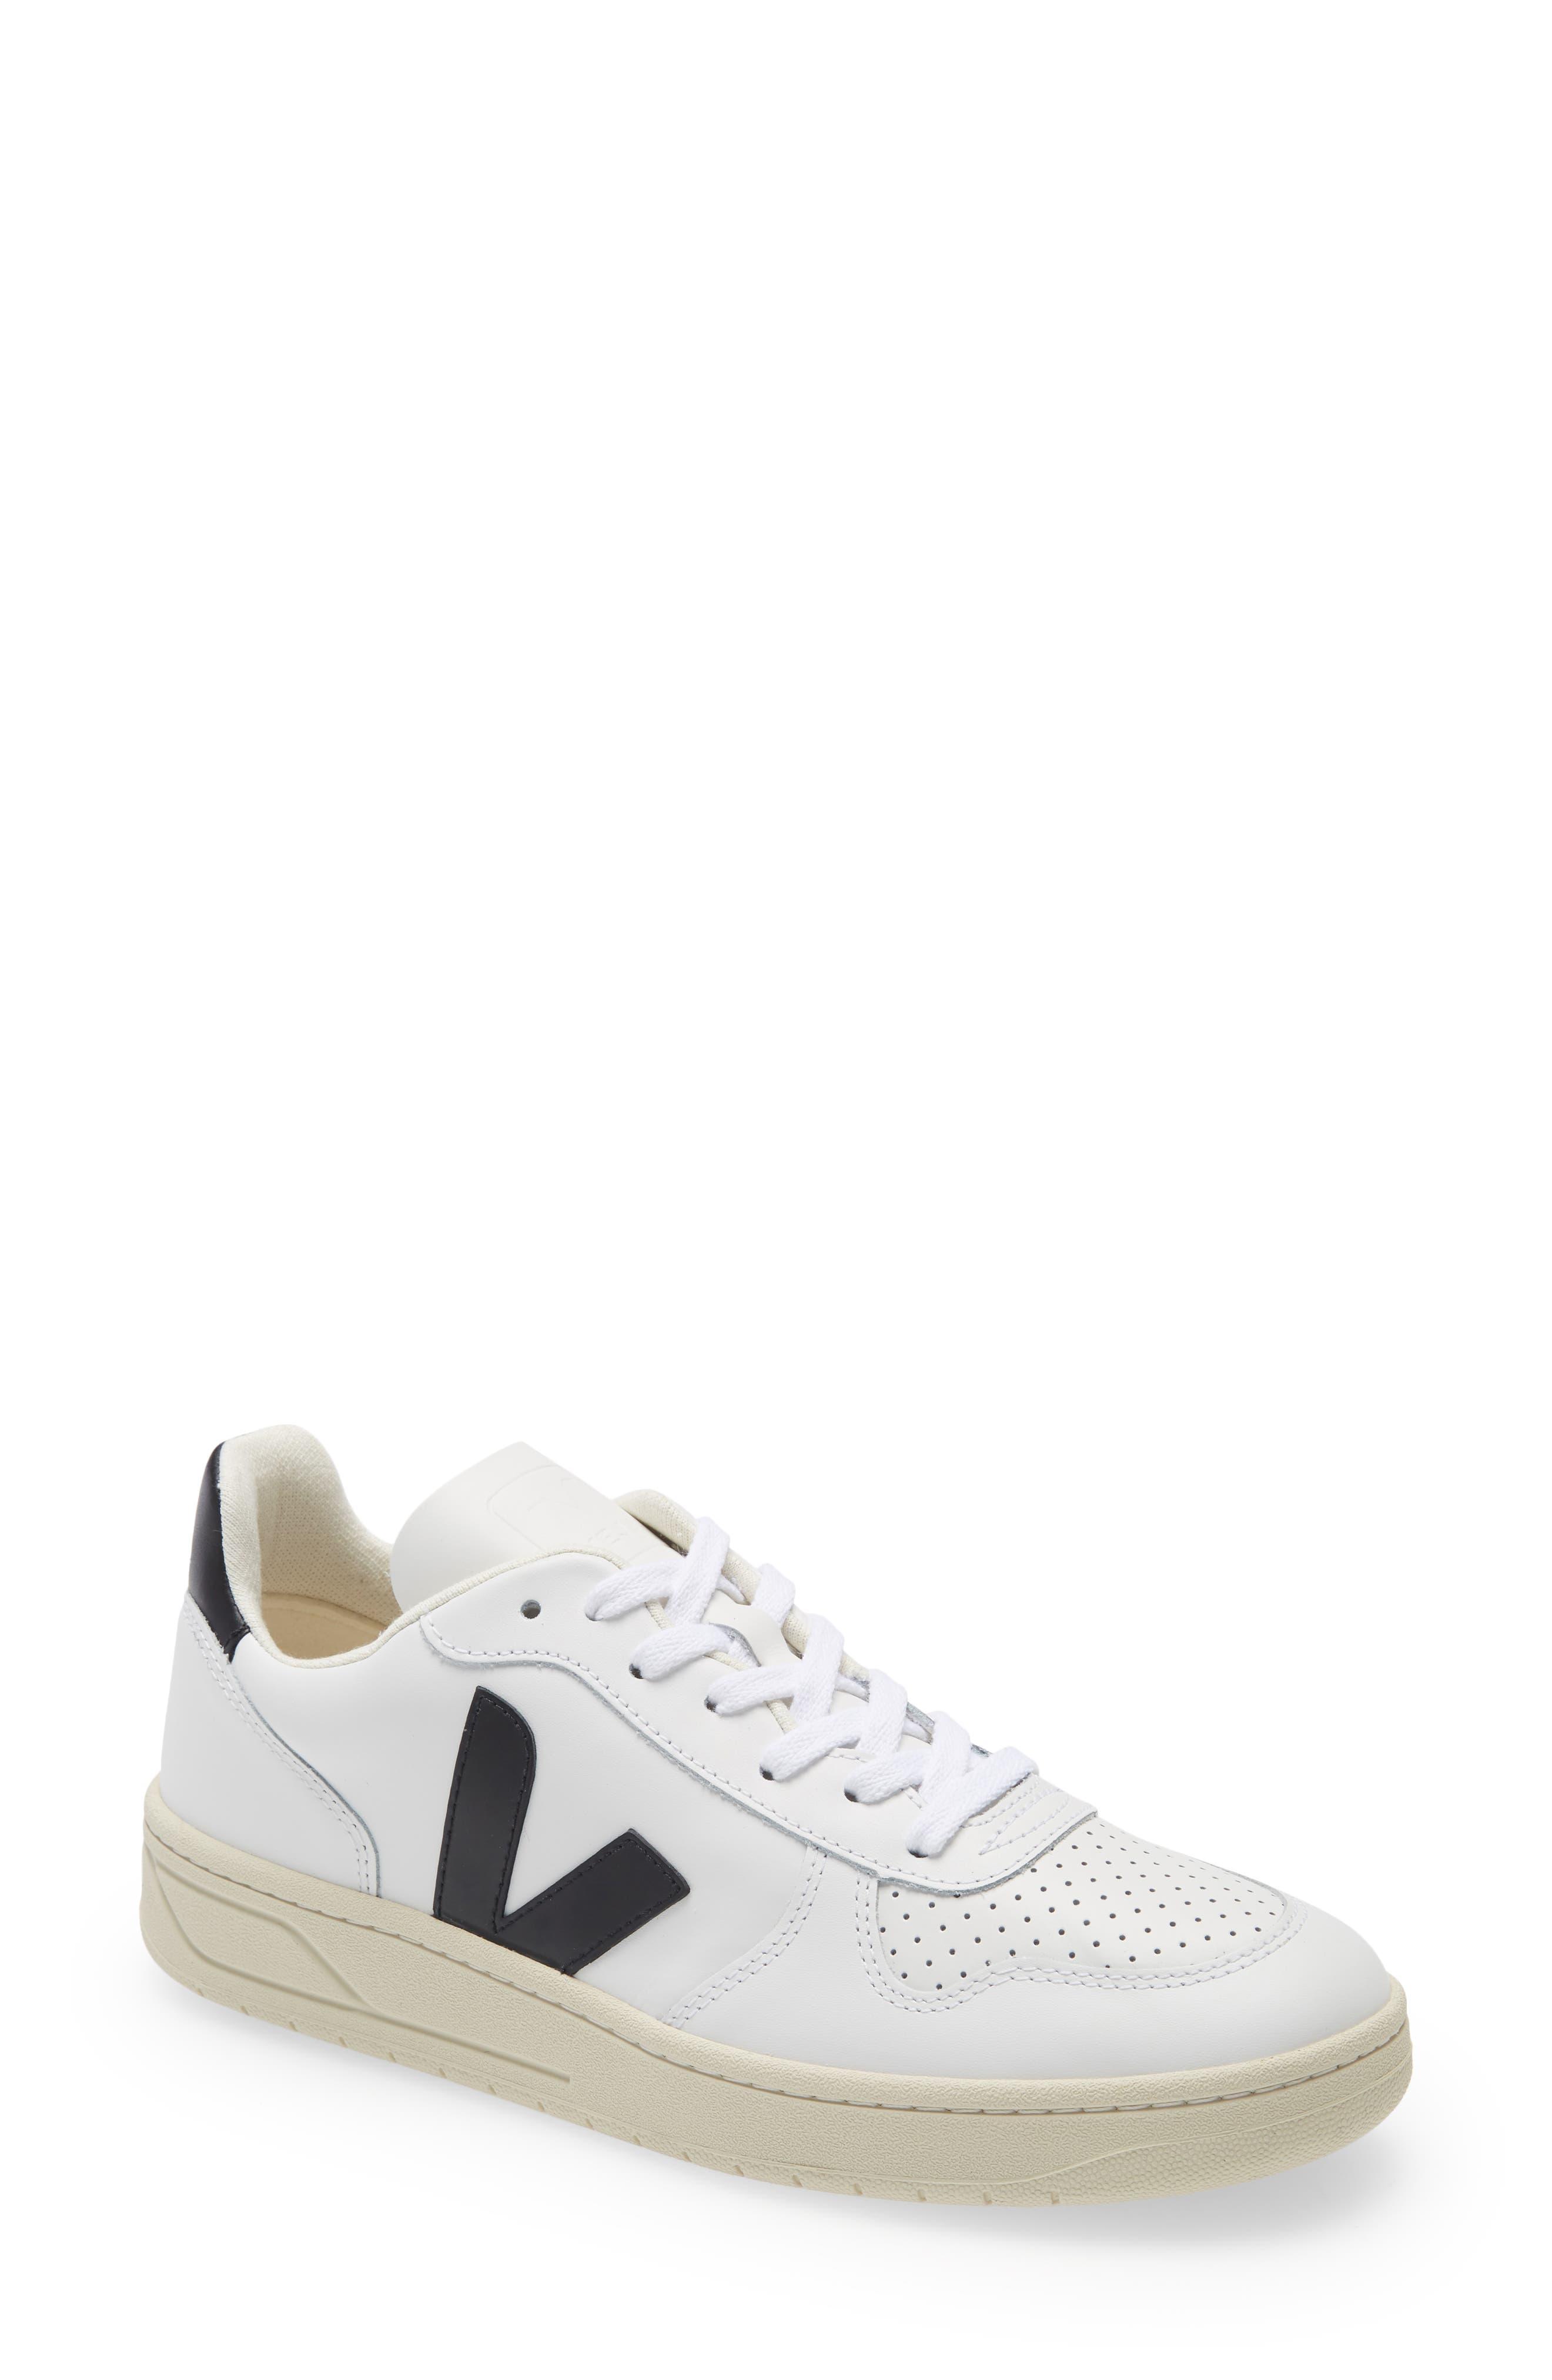 Men's Veja Shoes   Nordstrom